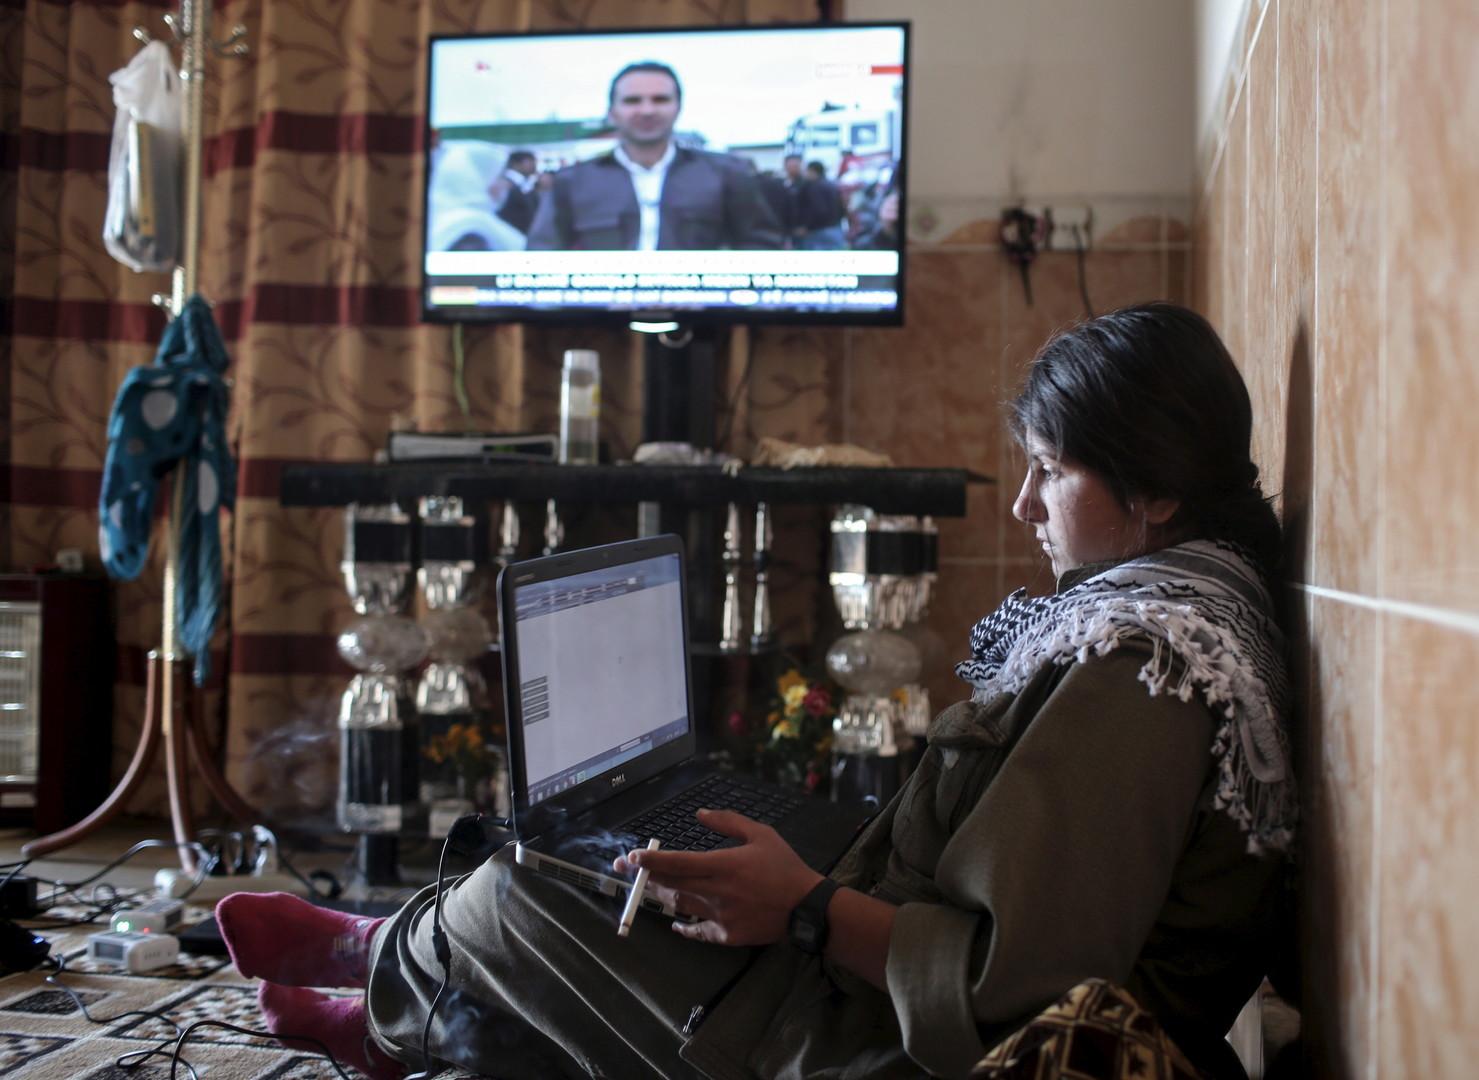 Eine Kämpferin der PKK arbeitet an ihrem Laptop. Im Hintergrund läuft ein kurdischer Fernsehkanal.